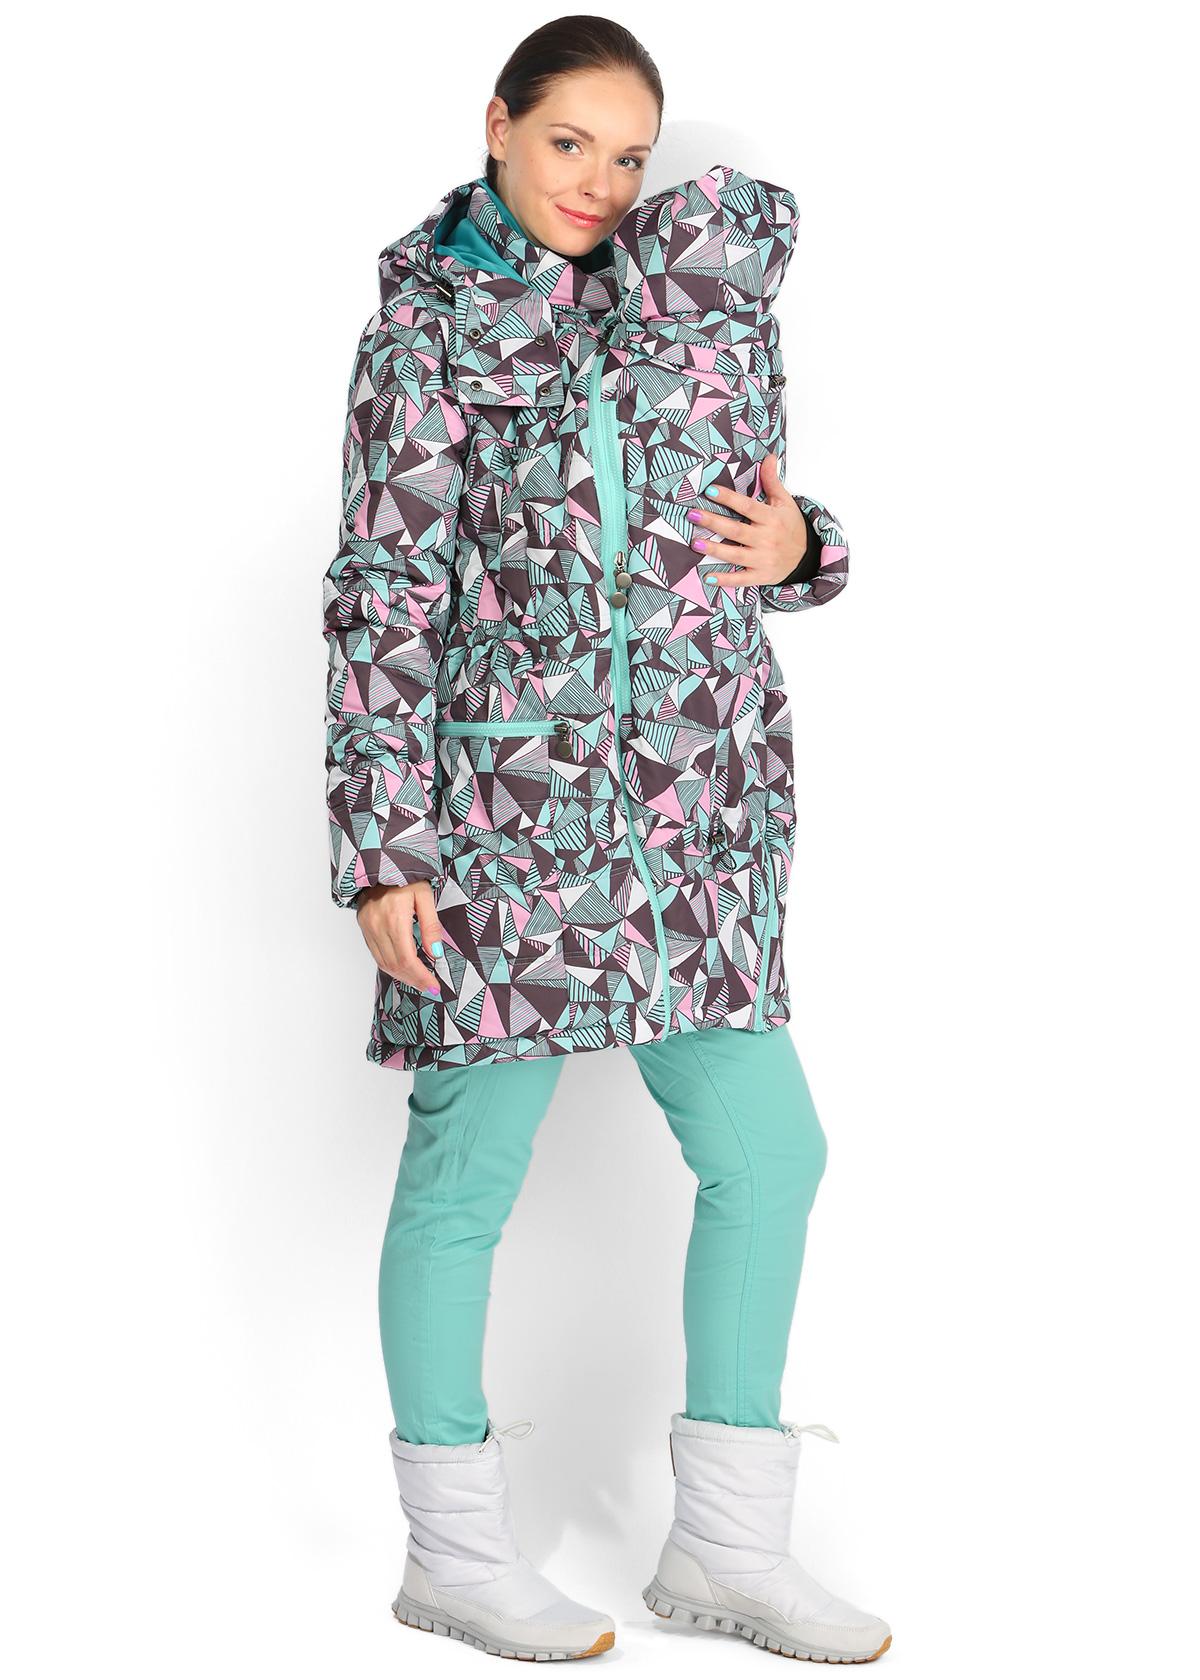 c76ecd8ff28d В интернет-магазине МамаМия, большой выбор курток для беременных и  слингоношения в Минске,